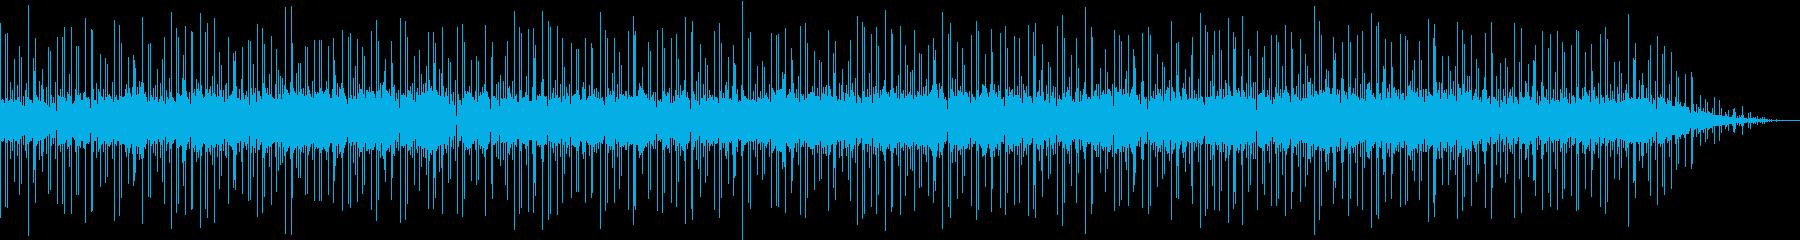 ボサノバ調の落ち着いたBGMの再生済みの波形